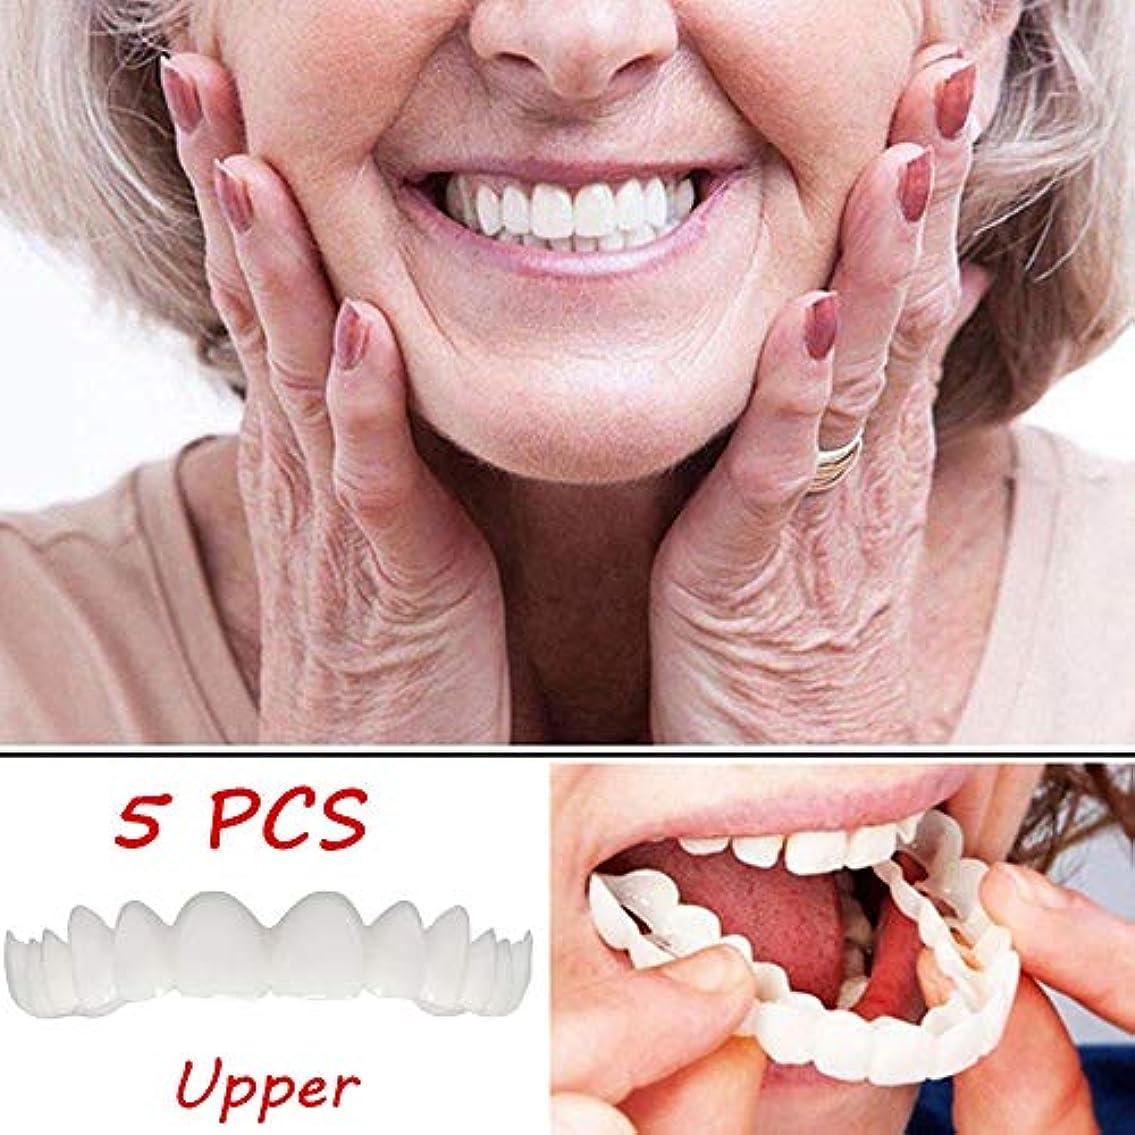 グリットズーム政権快適なベニヤの歯は一時的に歯の上の歯の1つのサイズを白くする5 PCSを微笑みますほとんどの人々の美の歯のシミュレーションの歯の義歯の心配に合います